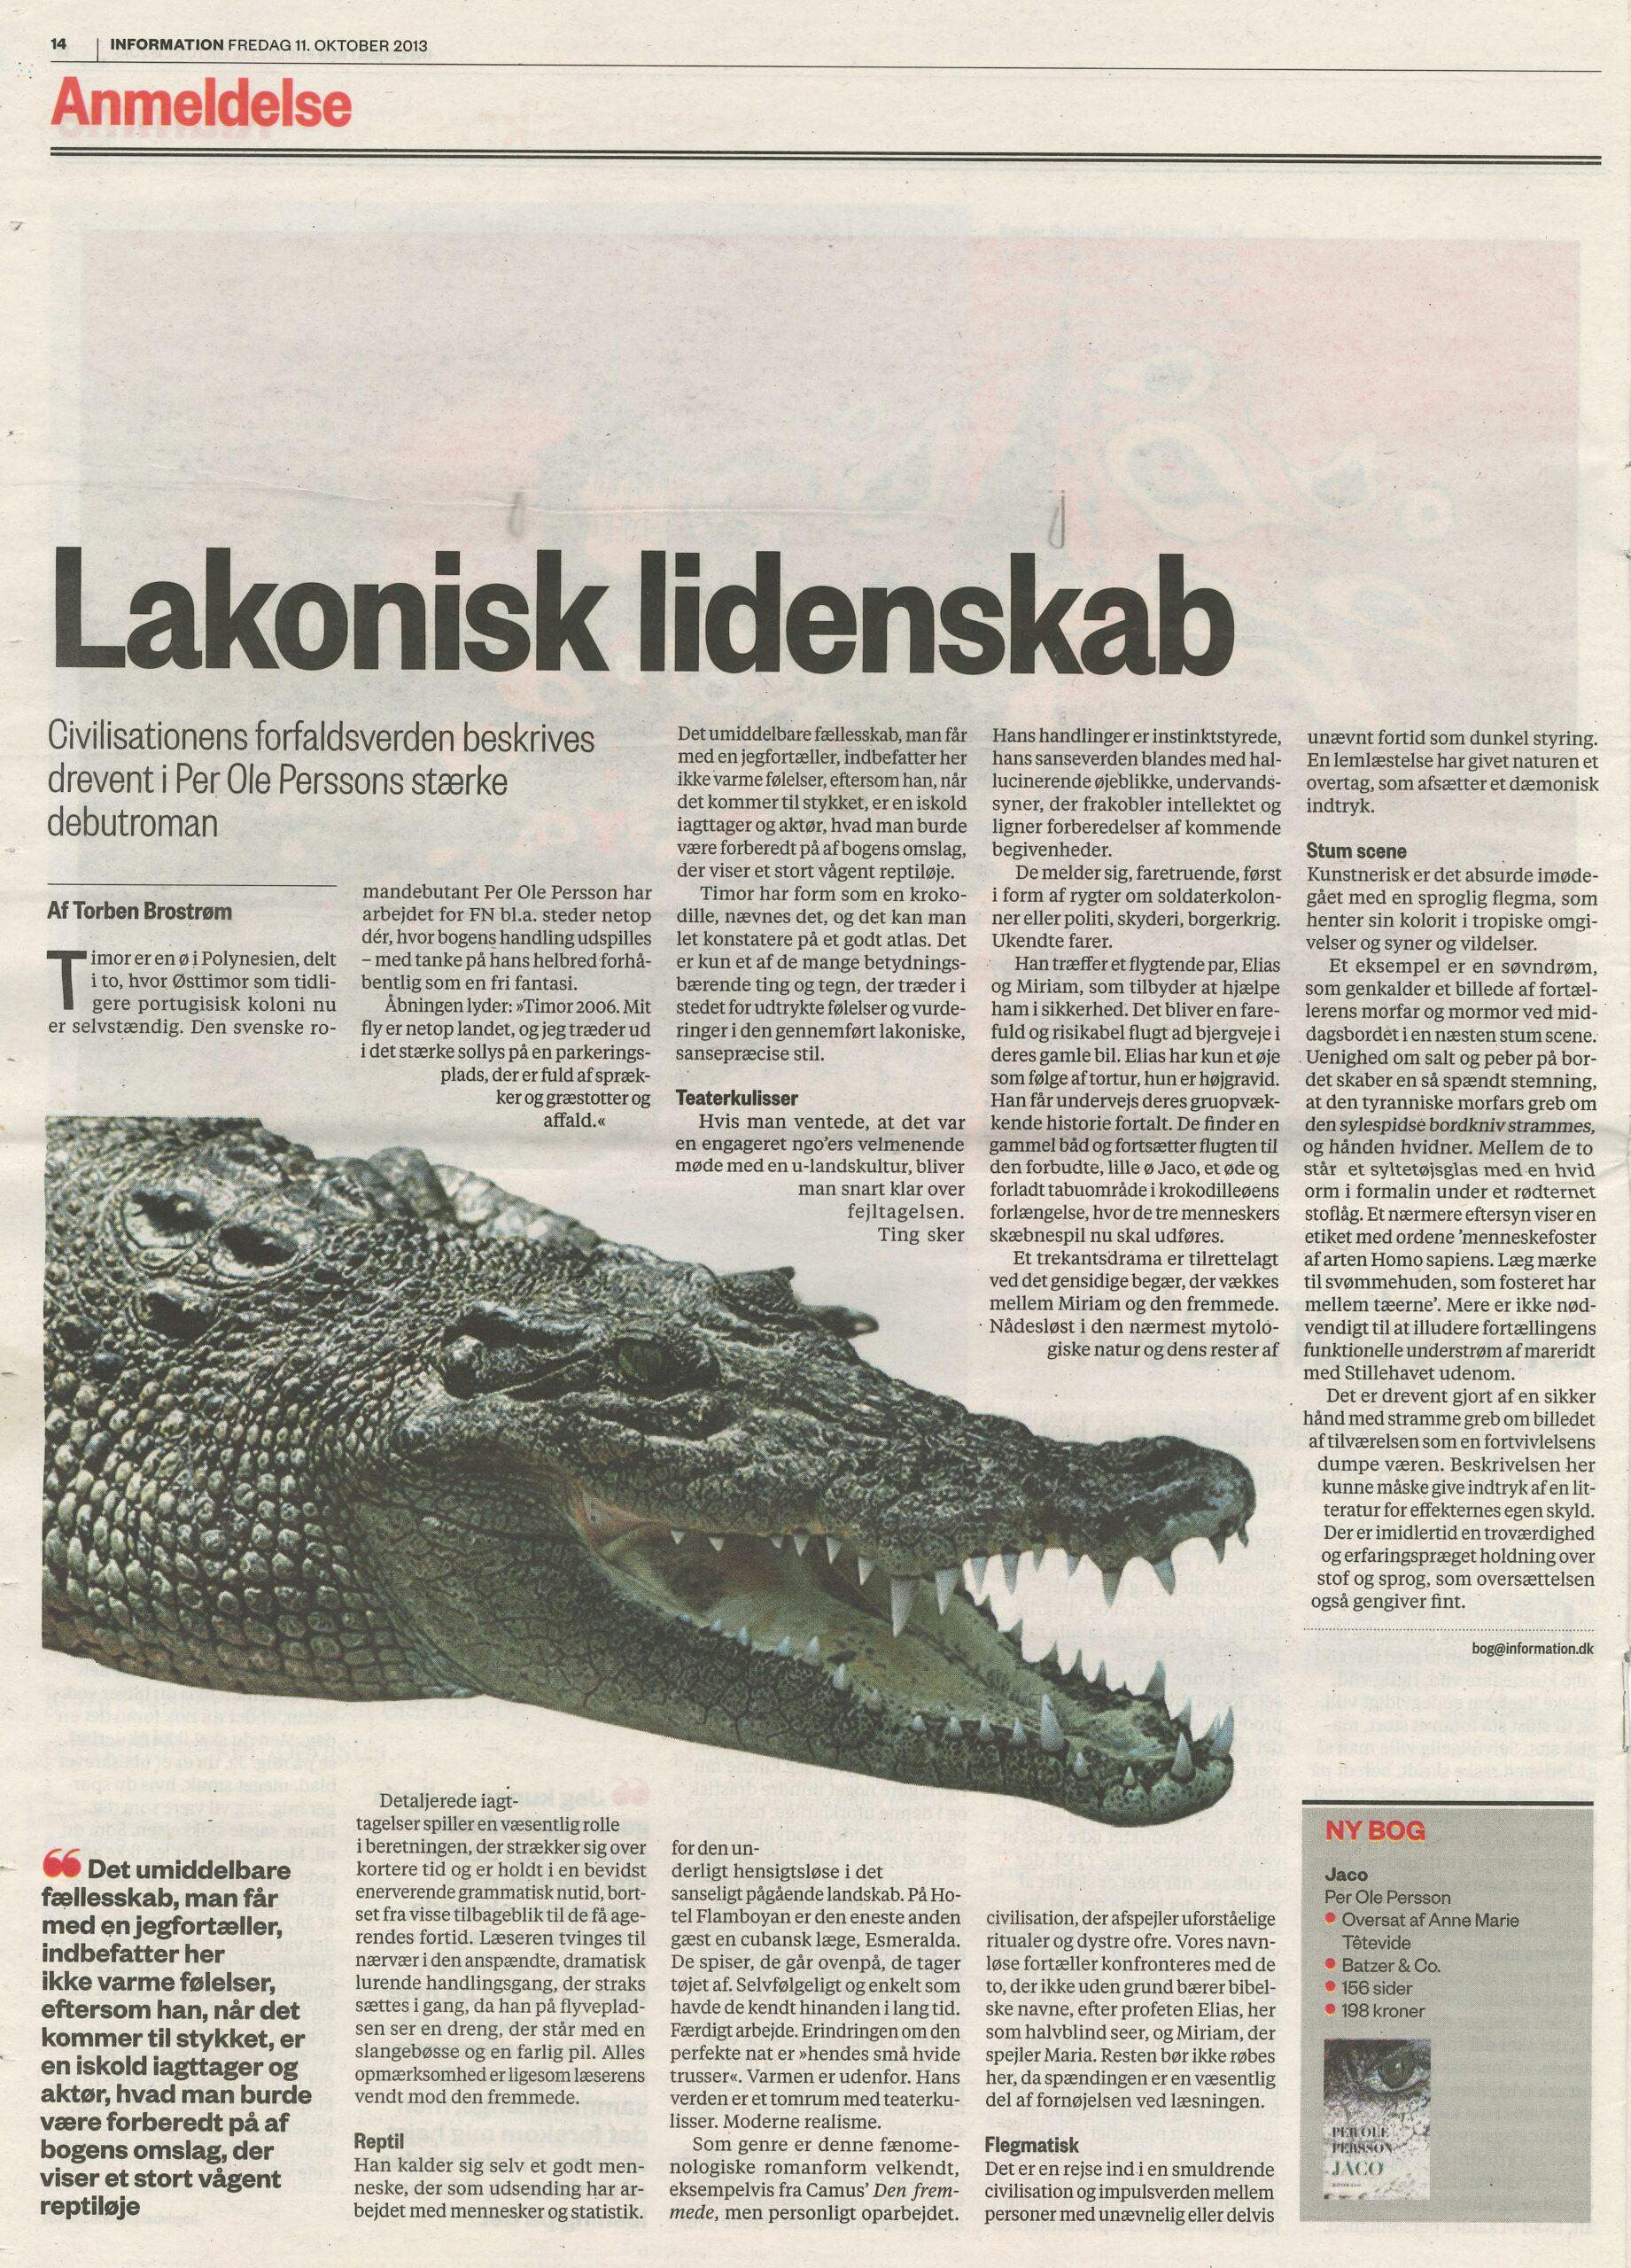 Recension av Per Ole Perssons bok Jaco i den danska tidningen Information